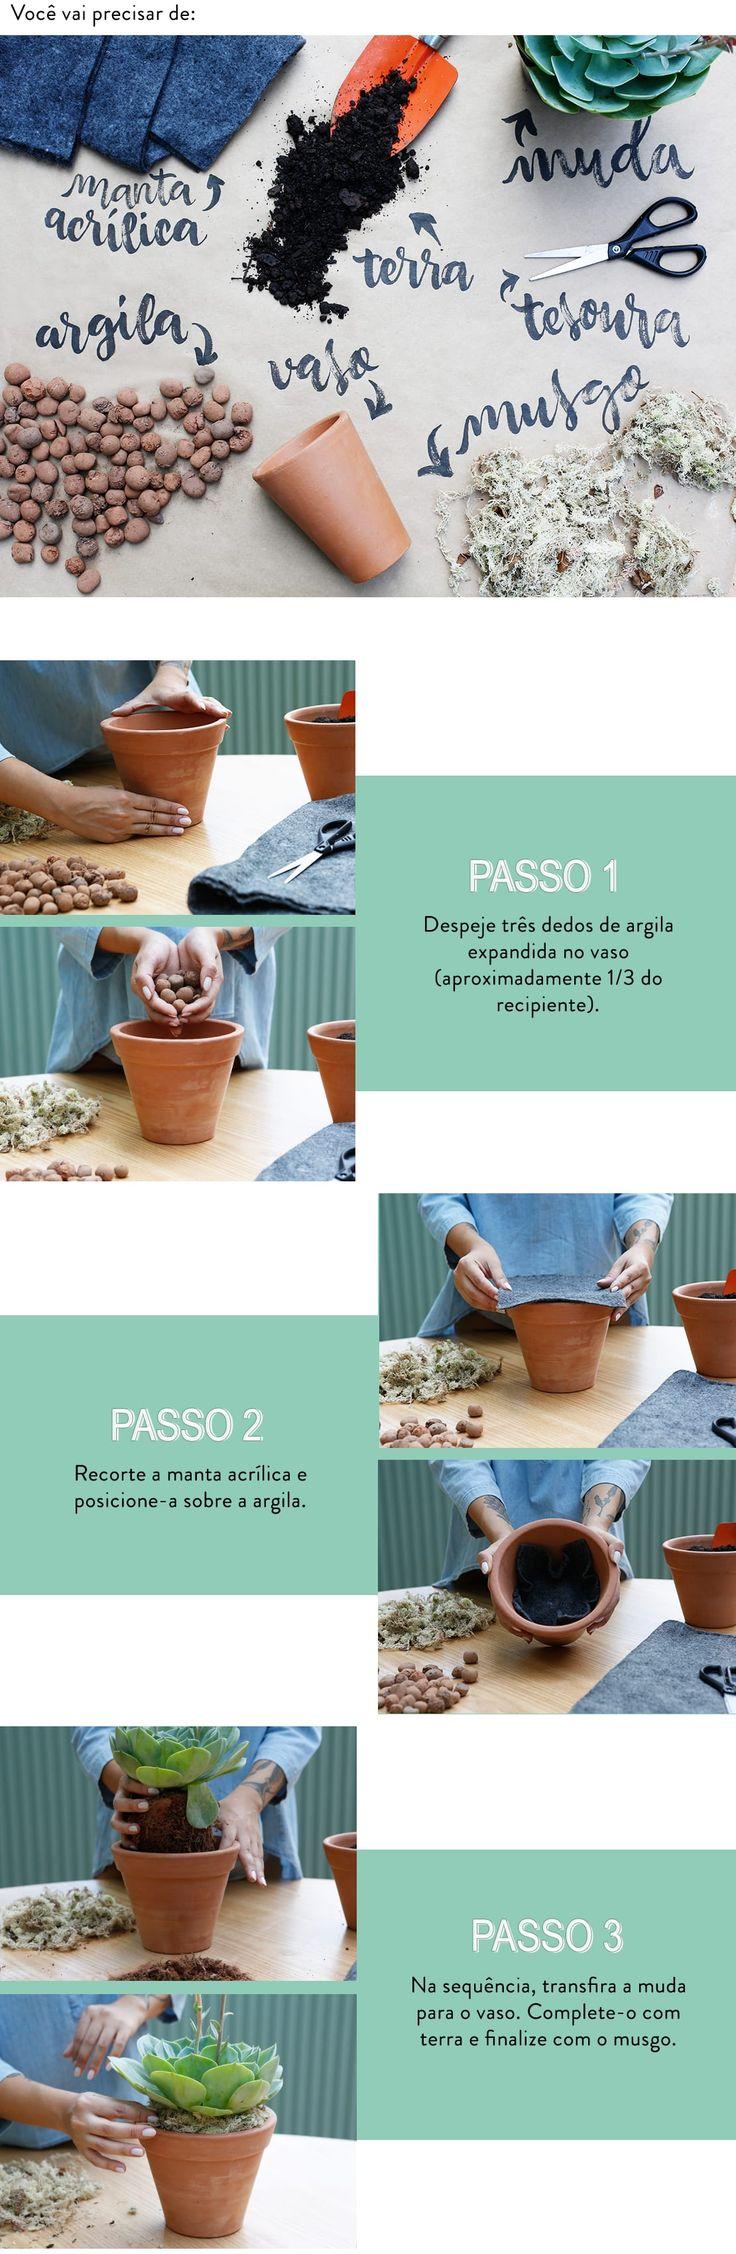 Aprenda como cuidar e cultivar cactos e suculentas: Assim como os bonsais, as suculentas crescem de acordo com o espaço que possuem.